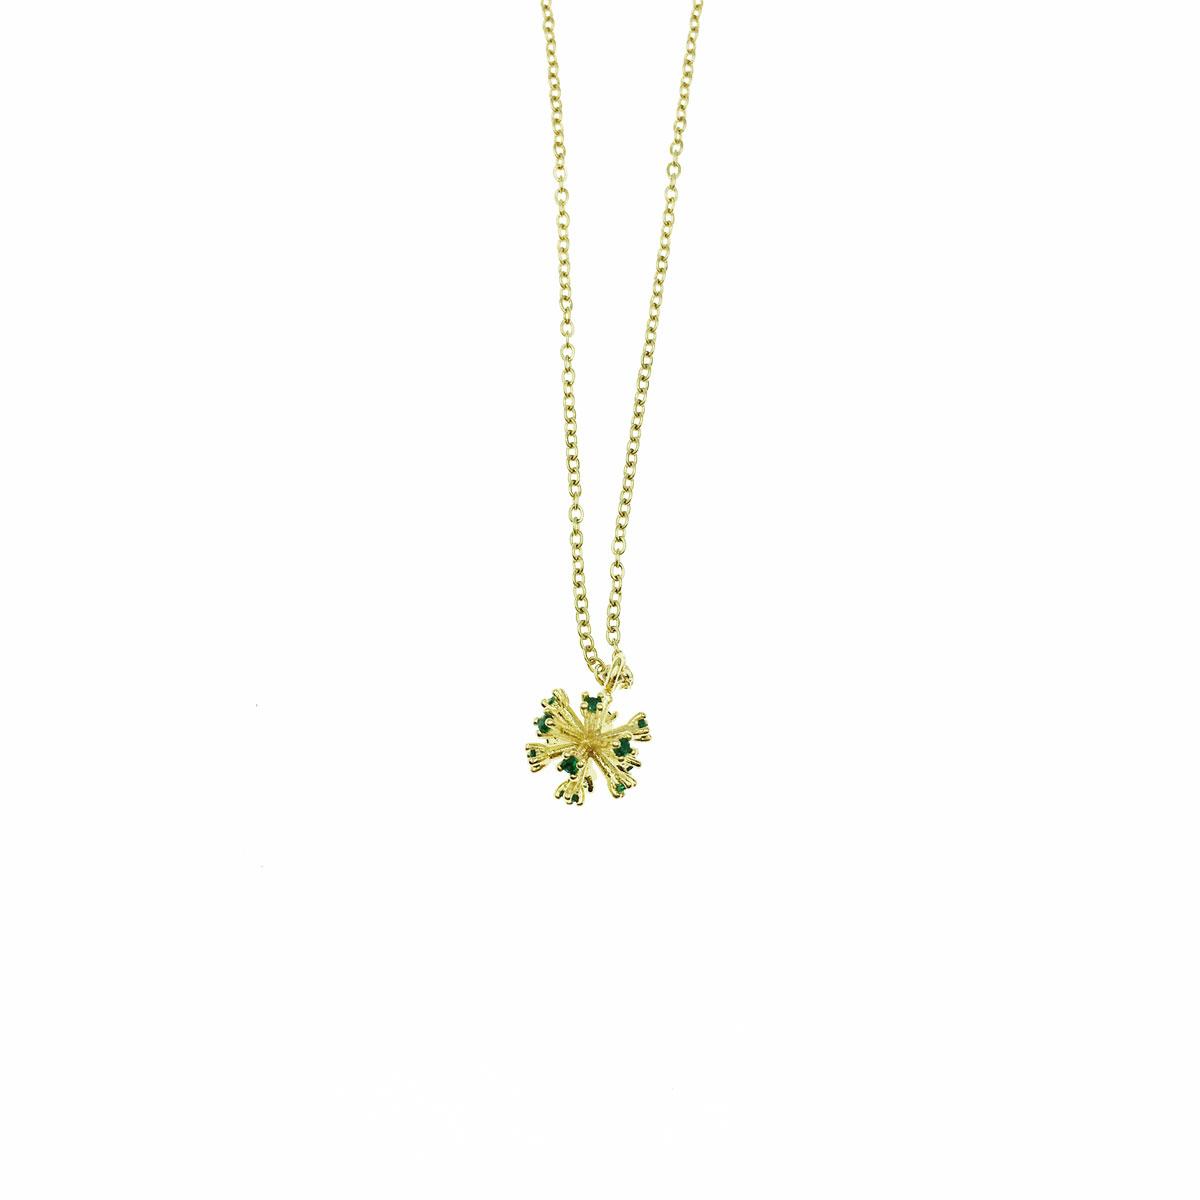 韓國 不銹鋼 水鑽 彩鑽 立體 鎖骨鍊 短鍊 項鍊 飾品